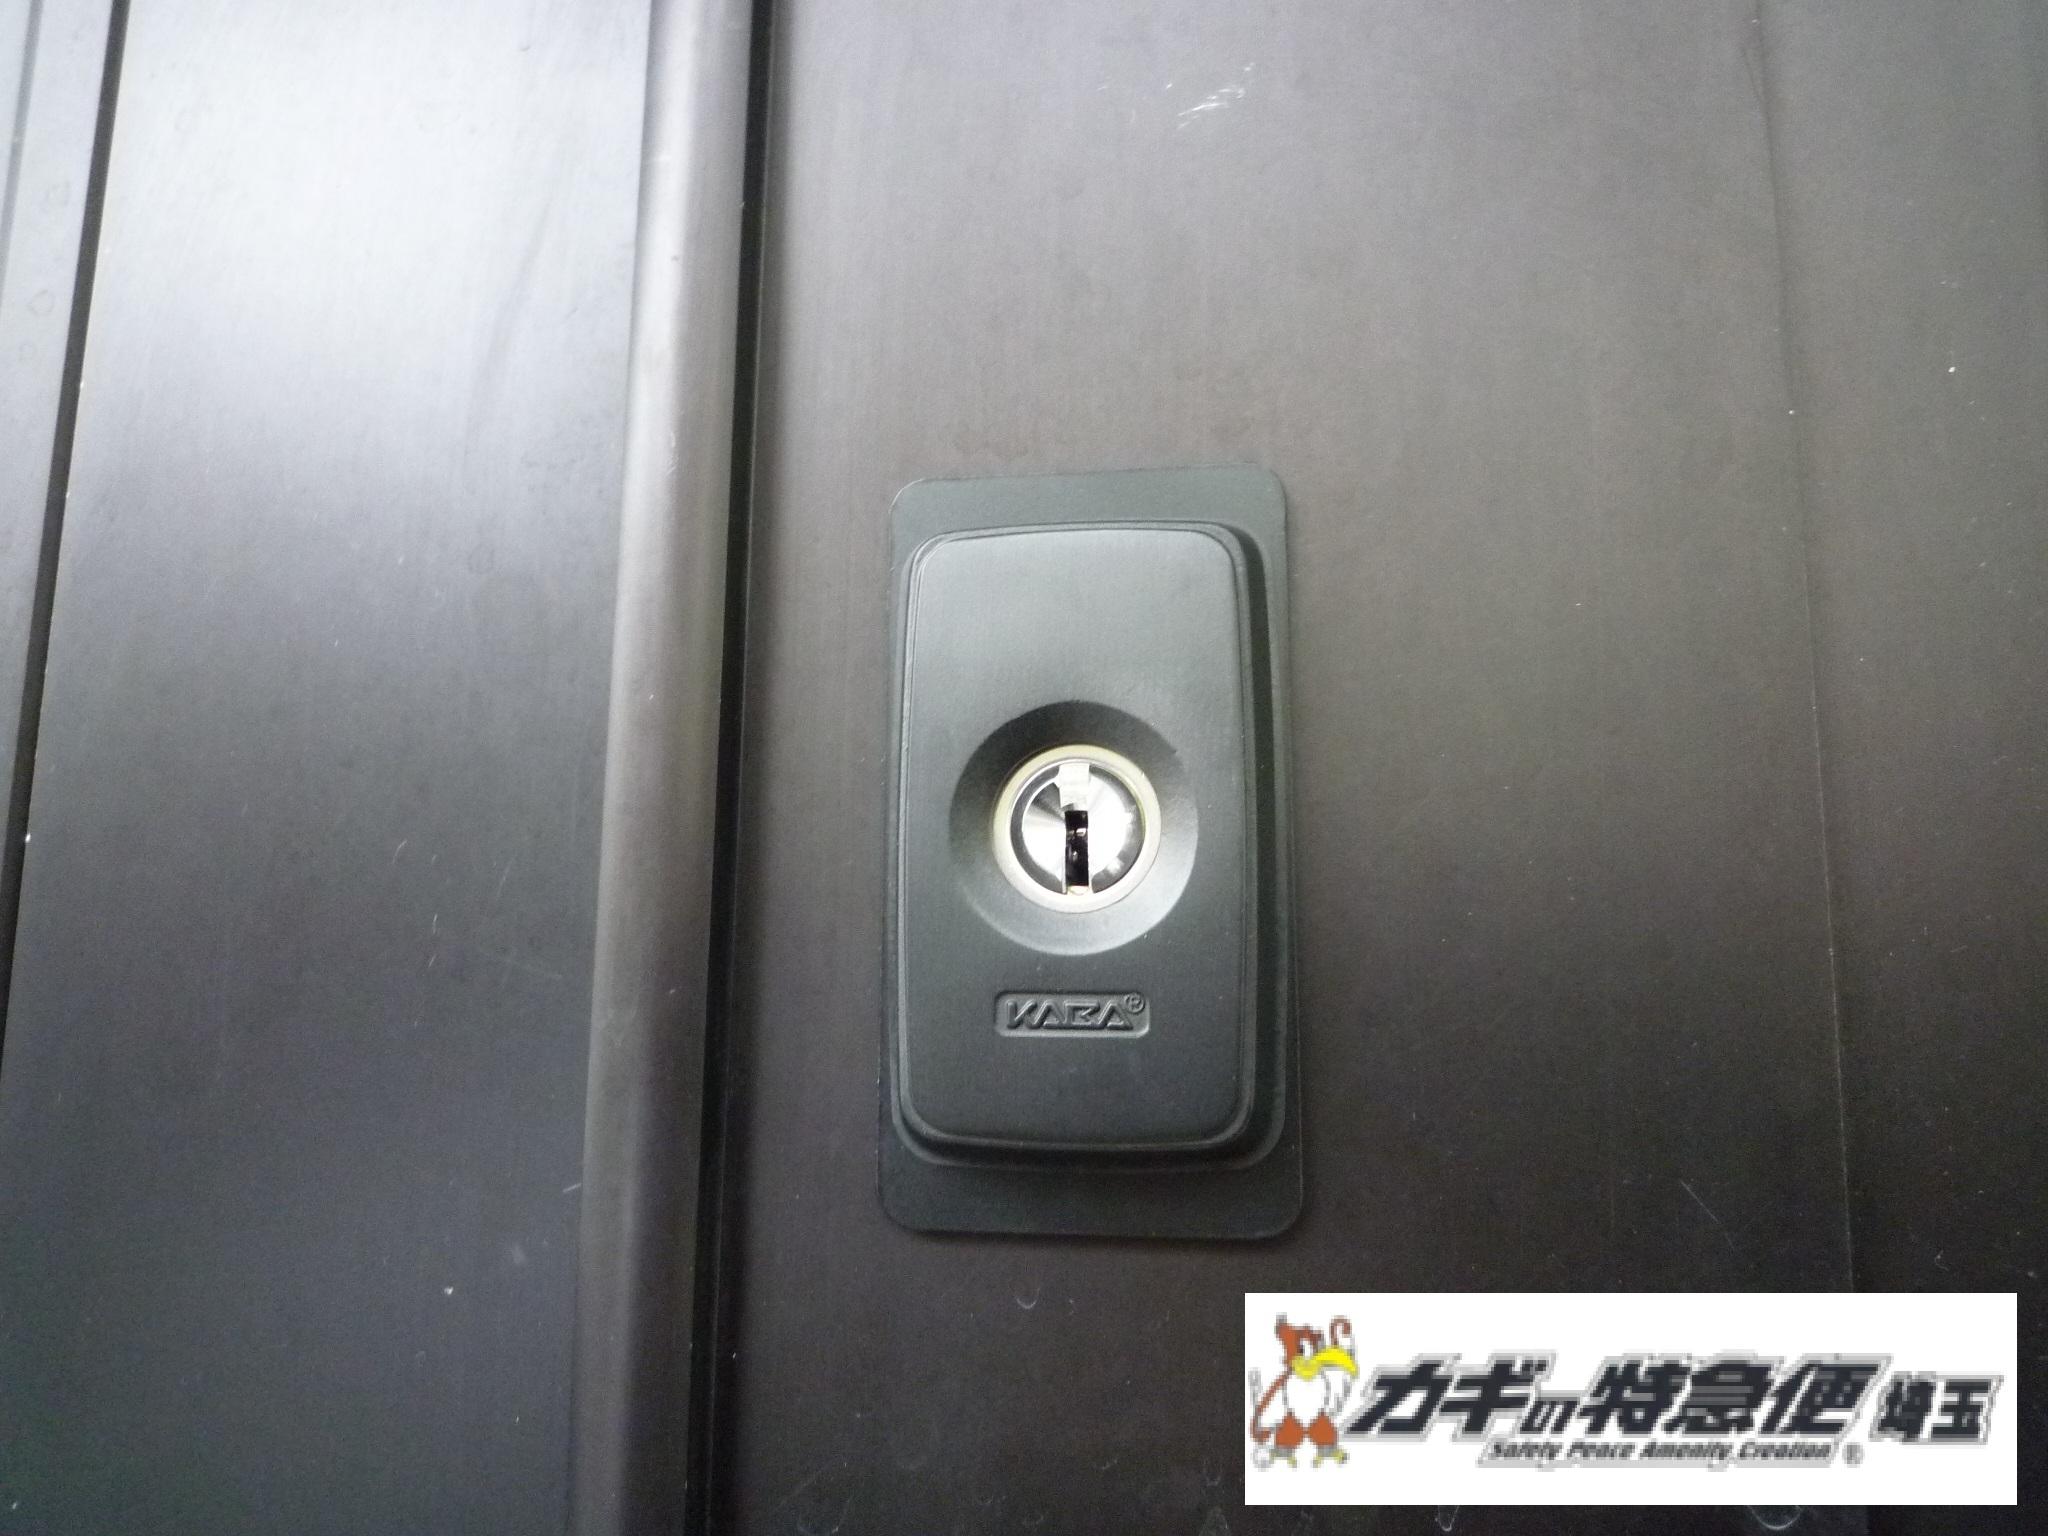 鍵取付け(最強の鍵はこれだ!さいたま市で補助錠の取付け カバ社6533)